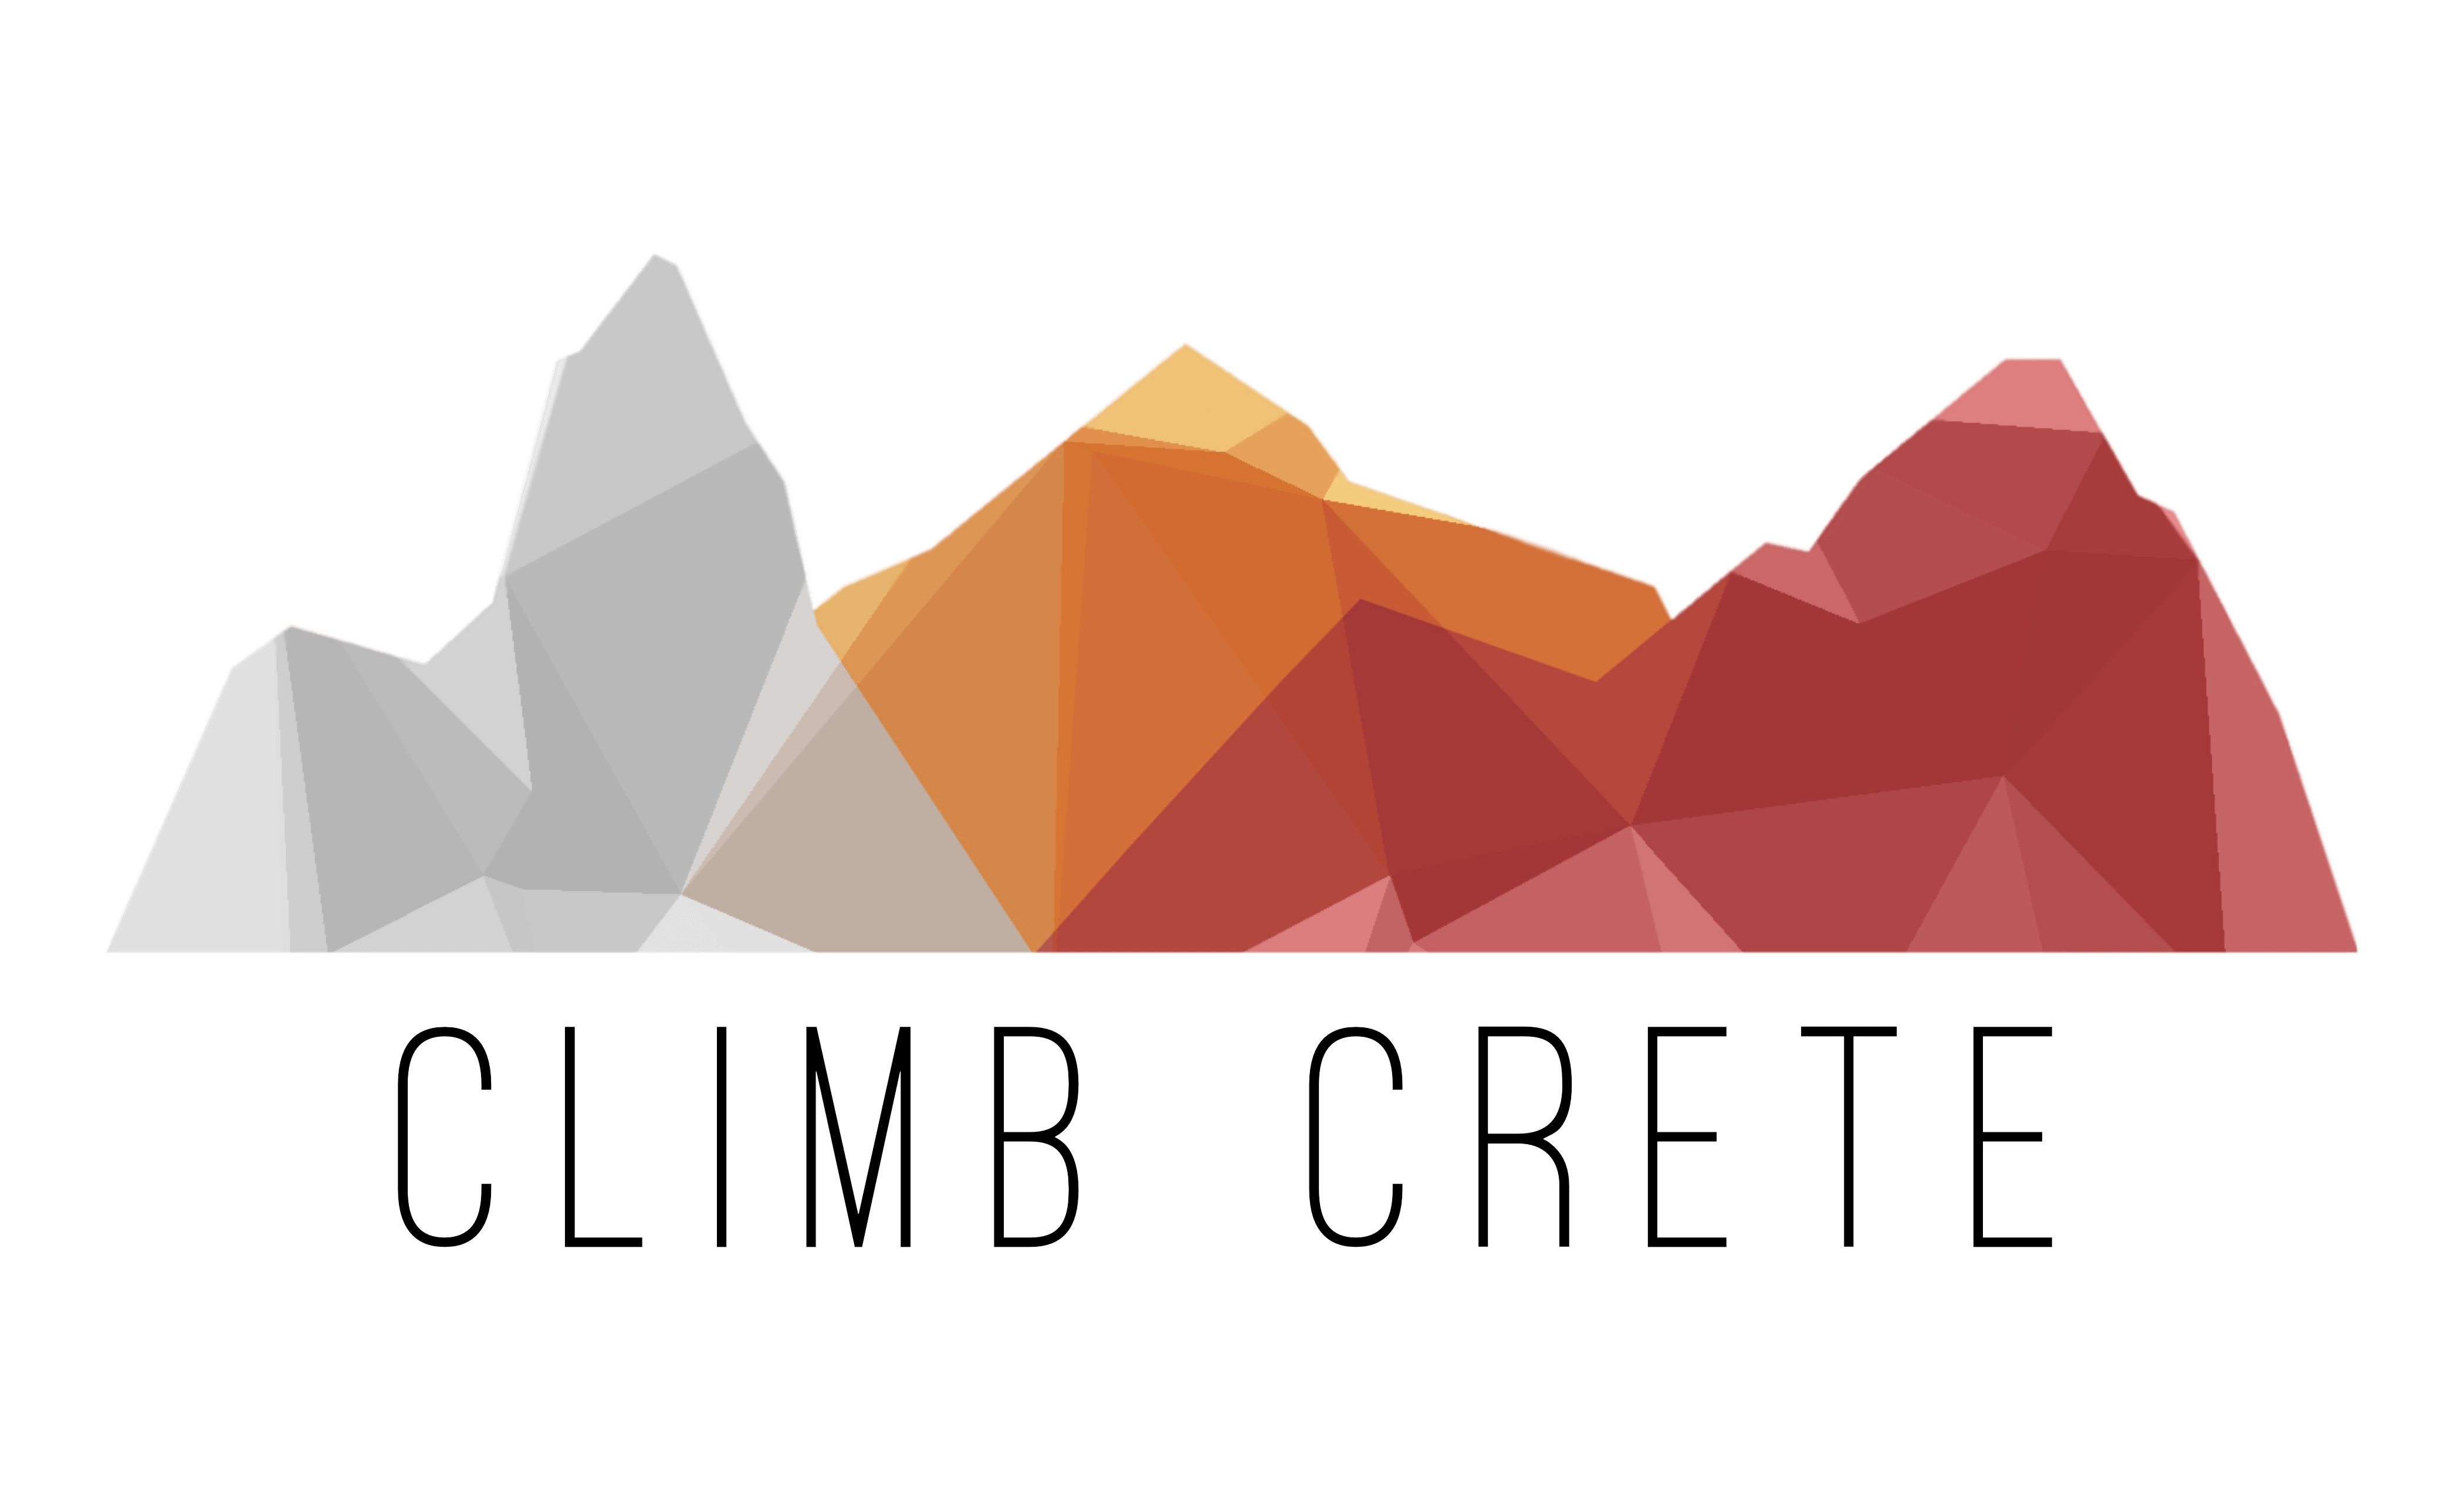 climbcrete.com